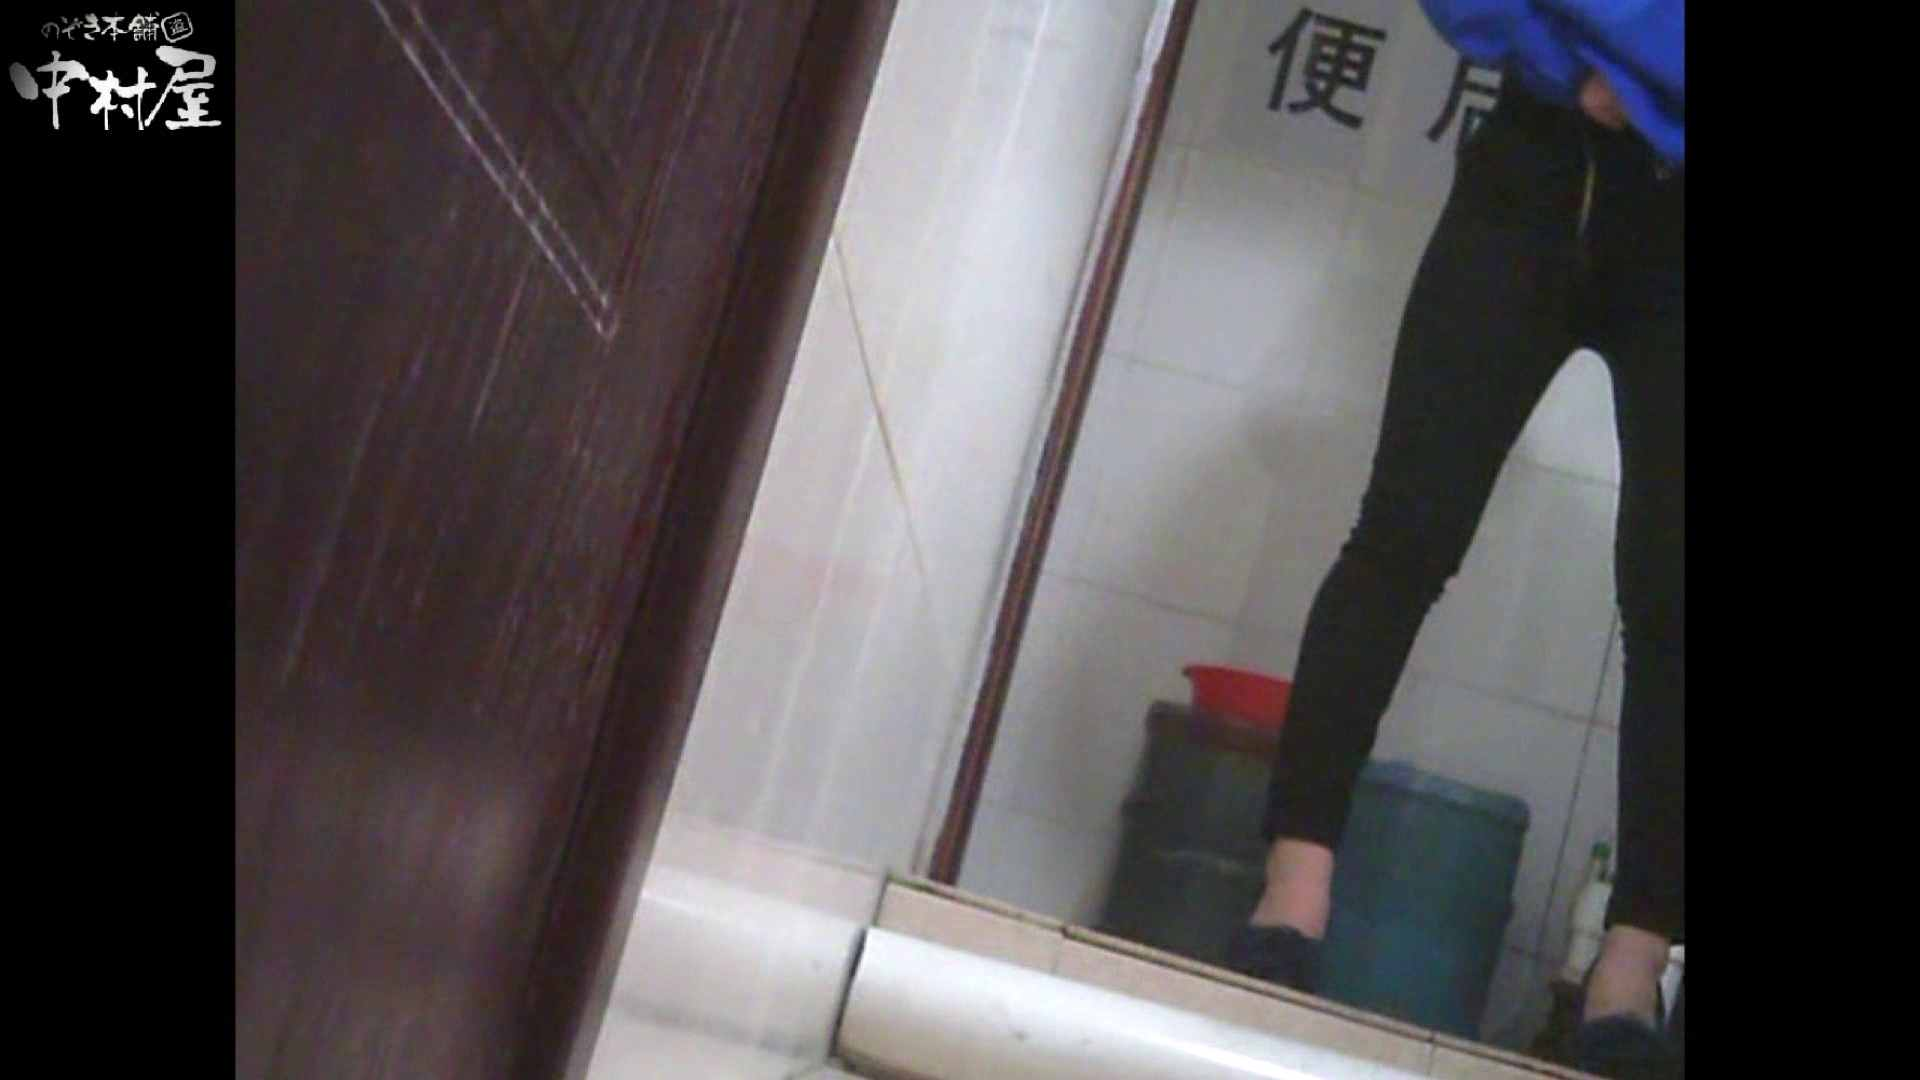 李さんの盗撮日記 Vol.07 盗撮大放出 オマンコ動画キャプチャ 85連発 73